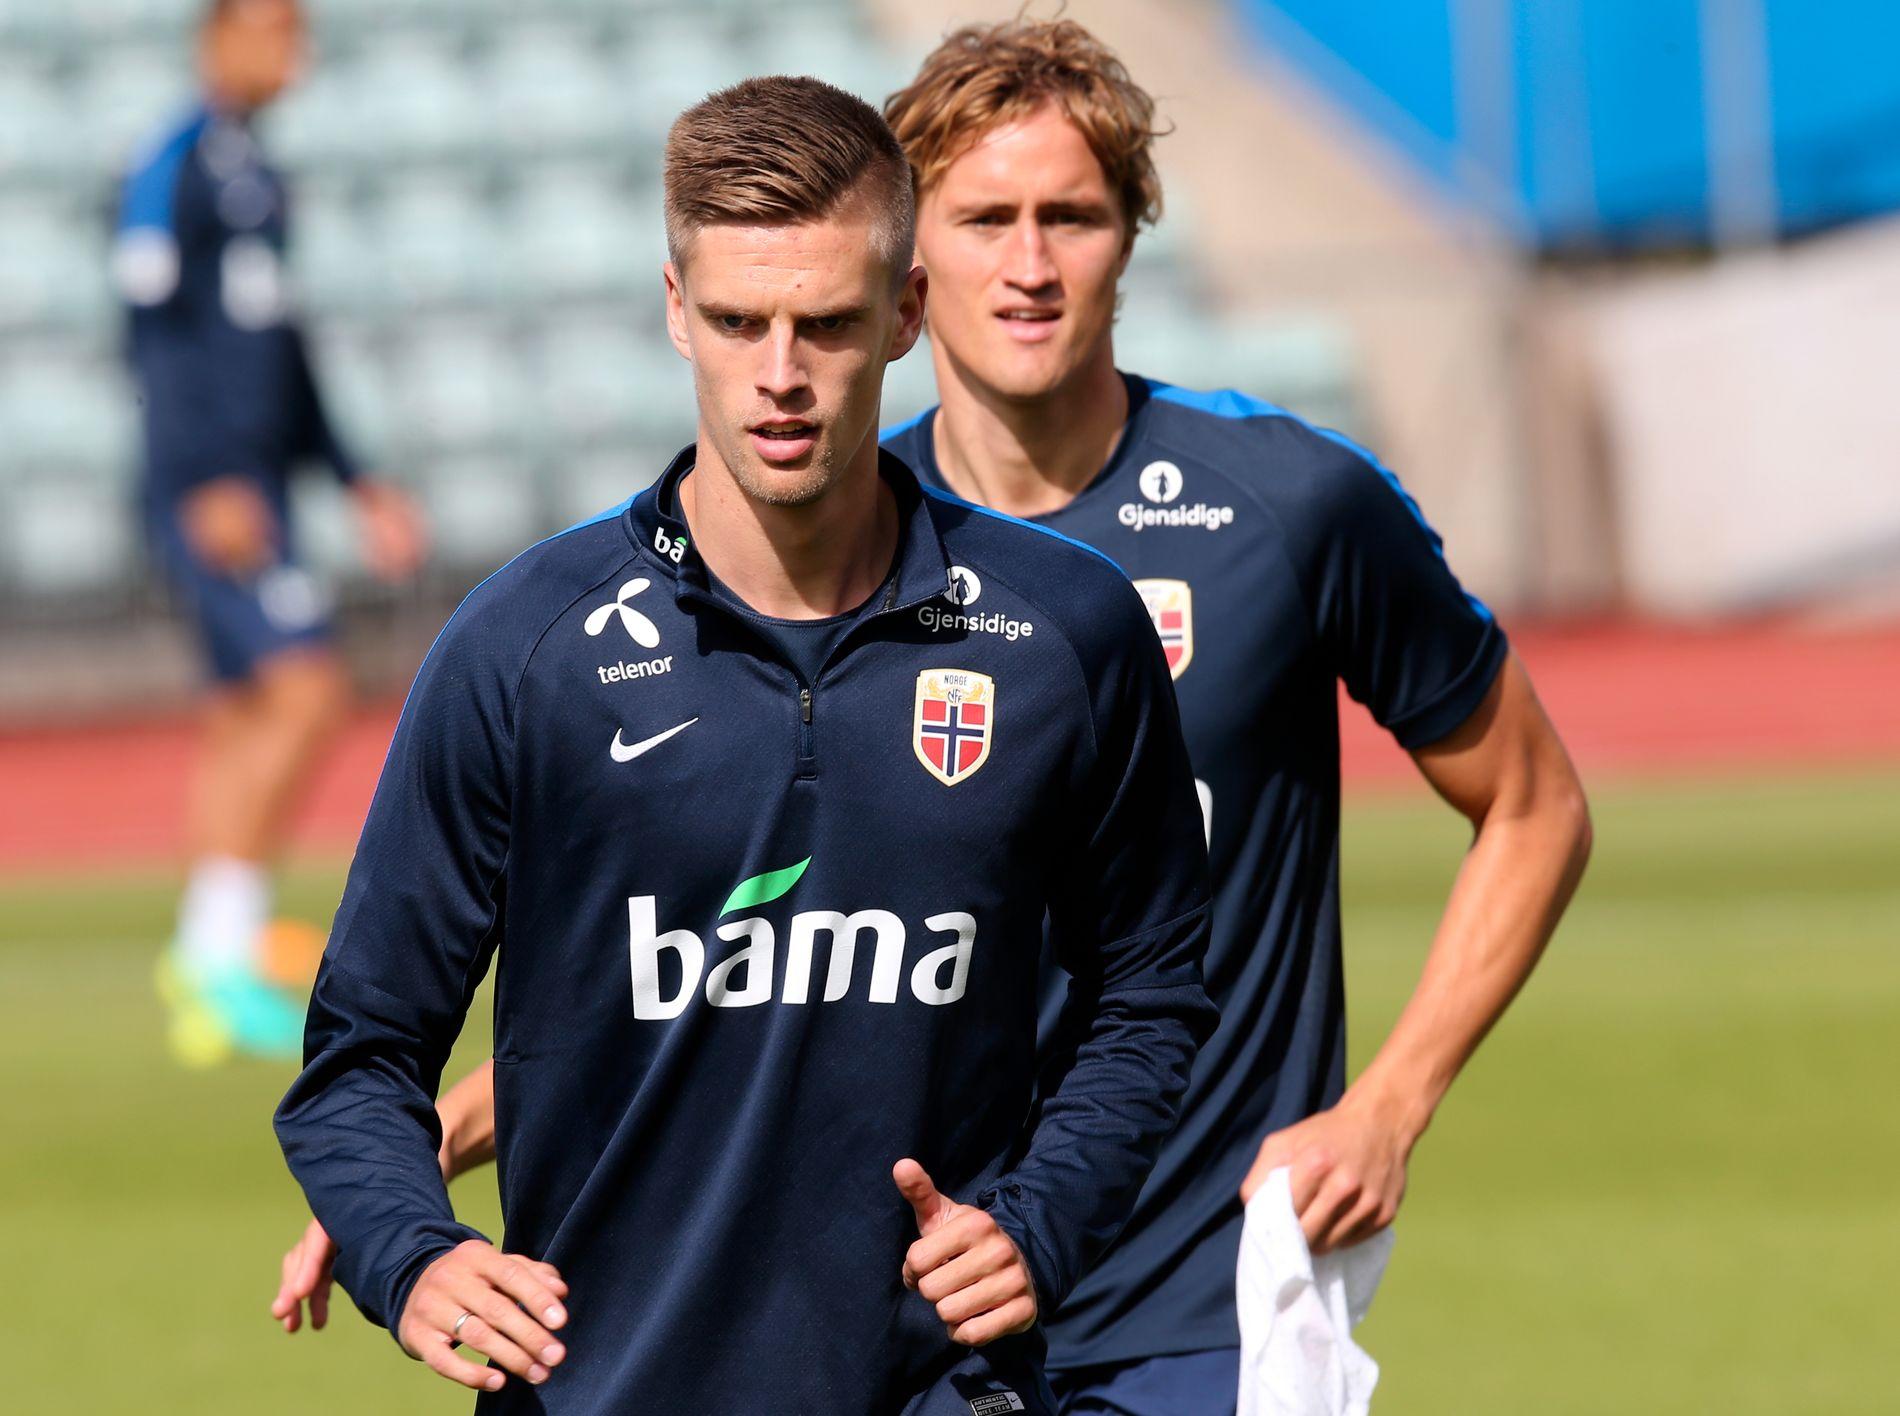 KJEMPER FOR Å BLI KLAR: Markus Henriksen har vært sengeliggende i flere dager, men håper han rekker å bli klar til Tyskland-kampen på søndag. Her under torsdagens økt på Nadderud. I bakgrunnen: Thomas Rogne.